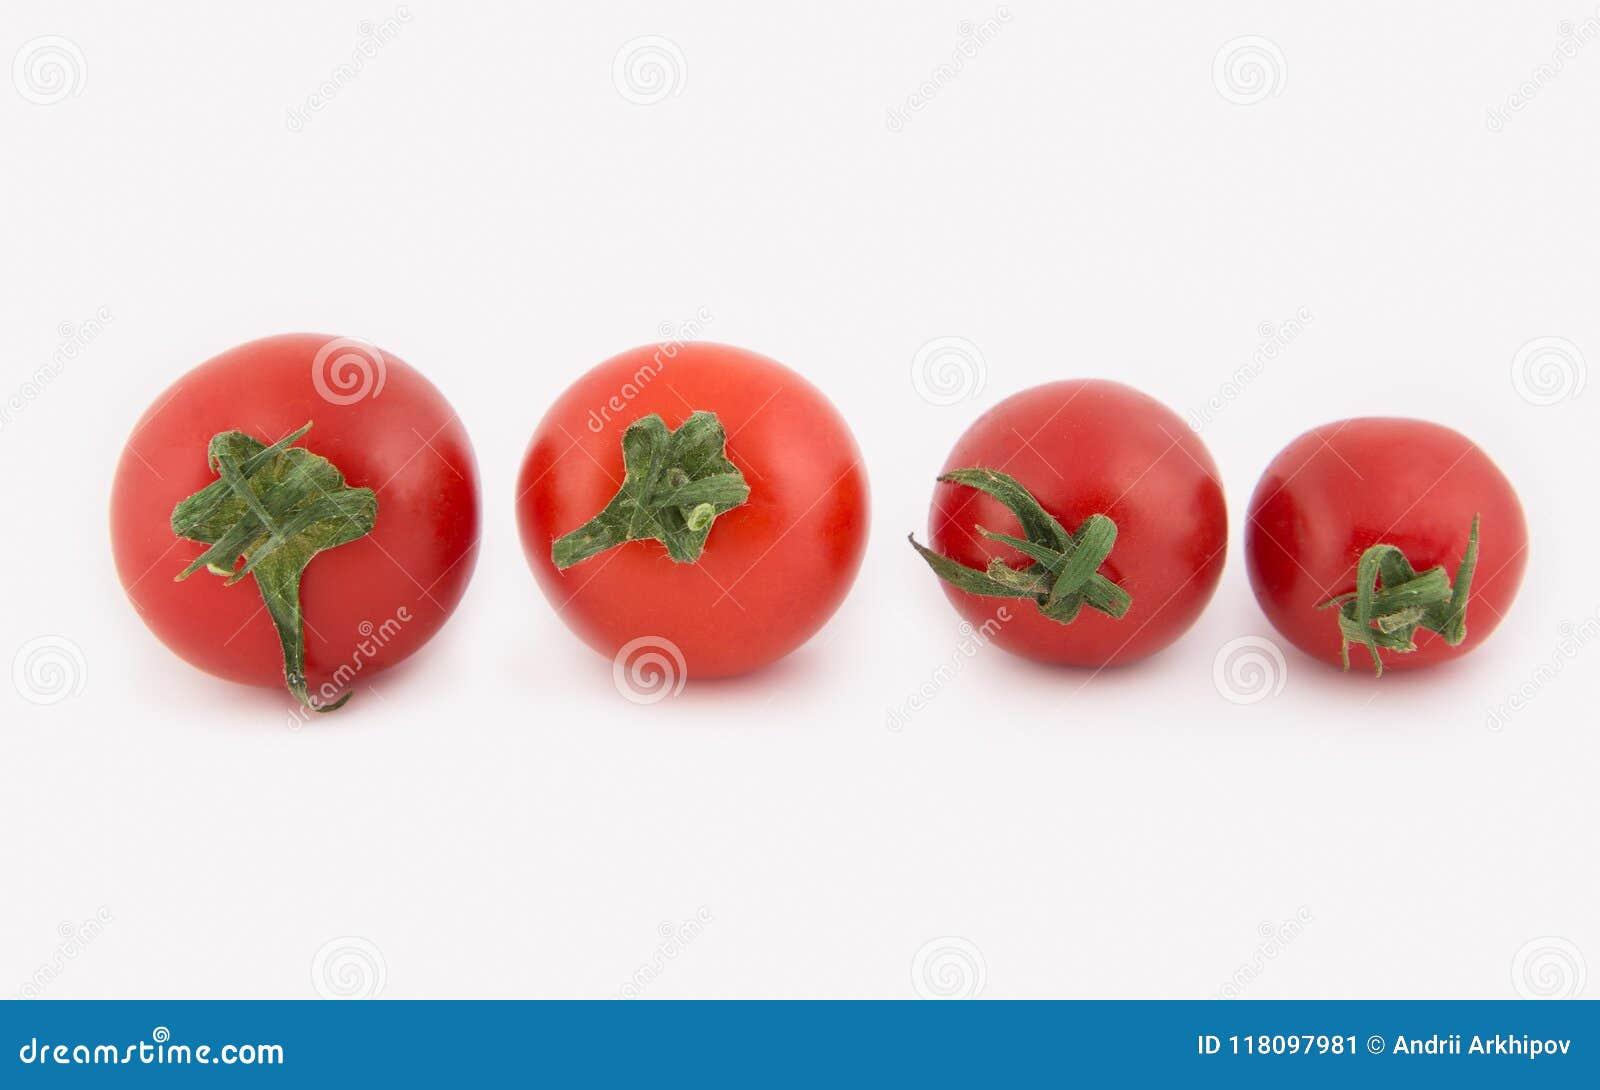 Cuatro tomates de cereza frescos mienten en fila del más grande al más pequeño Tomates aislados en el fondo blanco